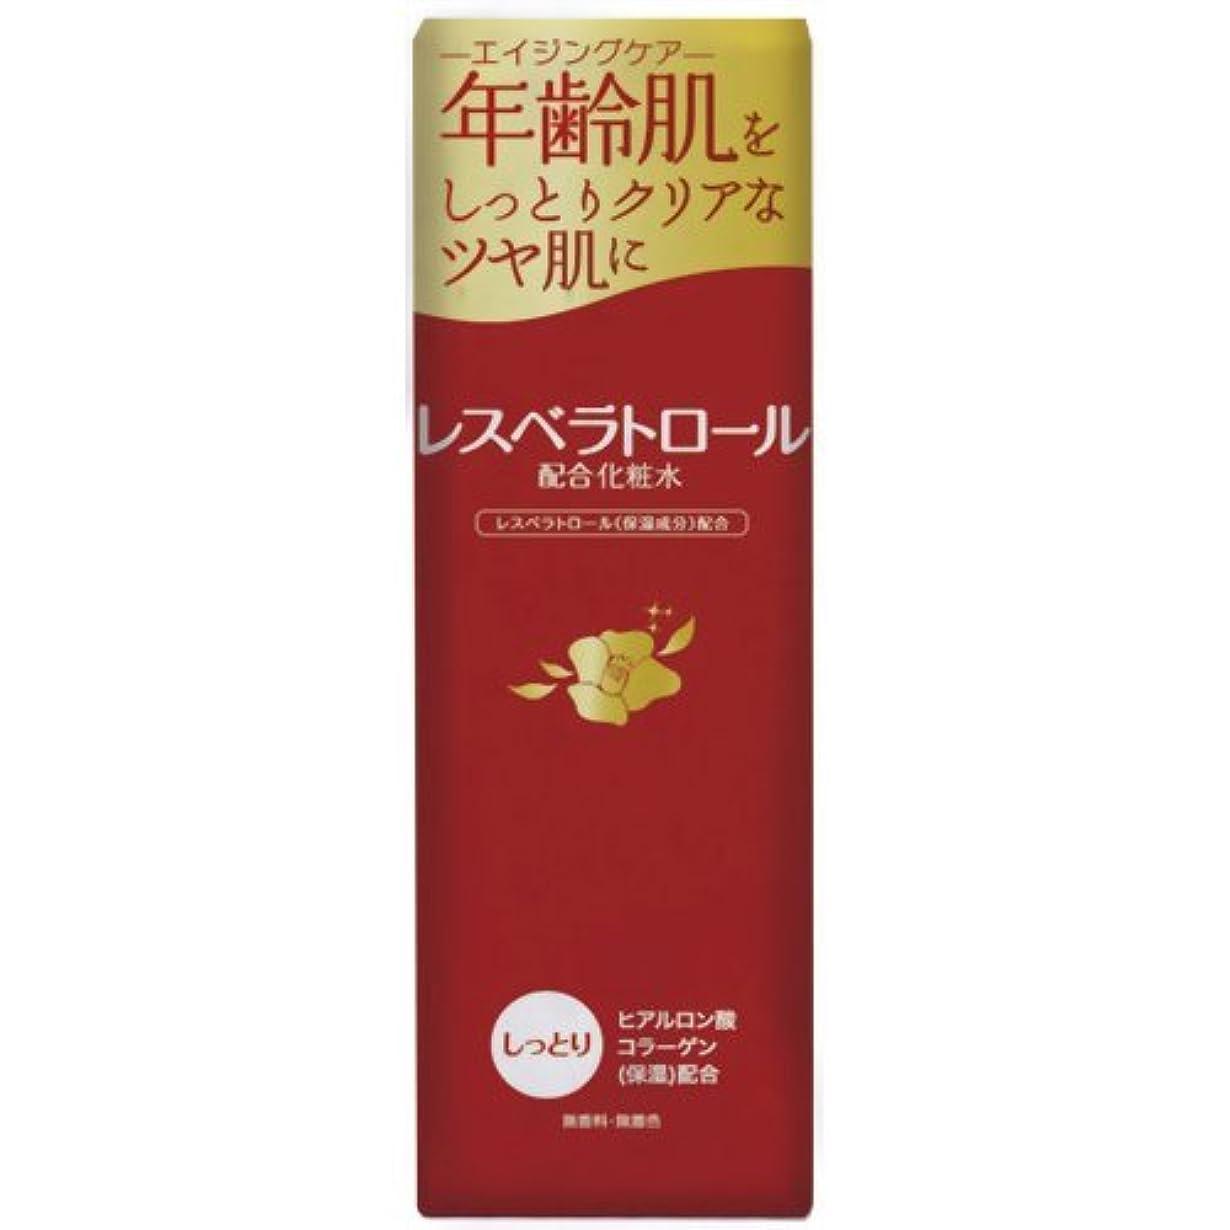 文法リングレット自治的レスベラトロール化粧水 150ml